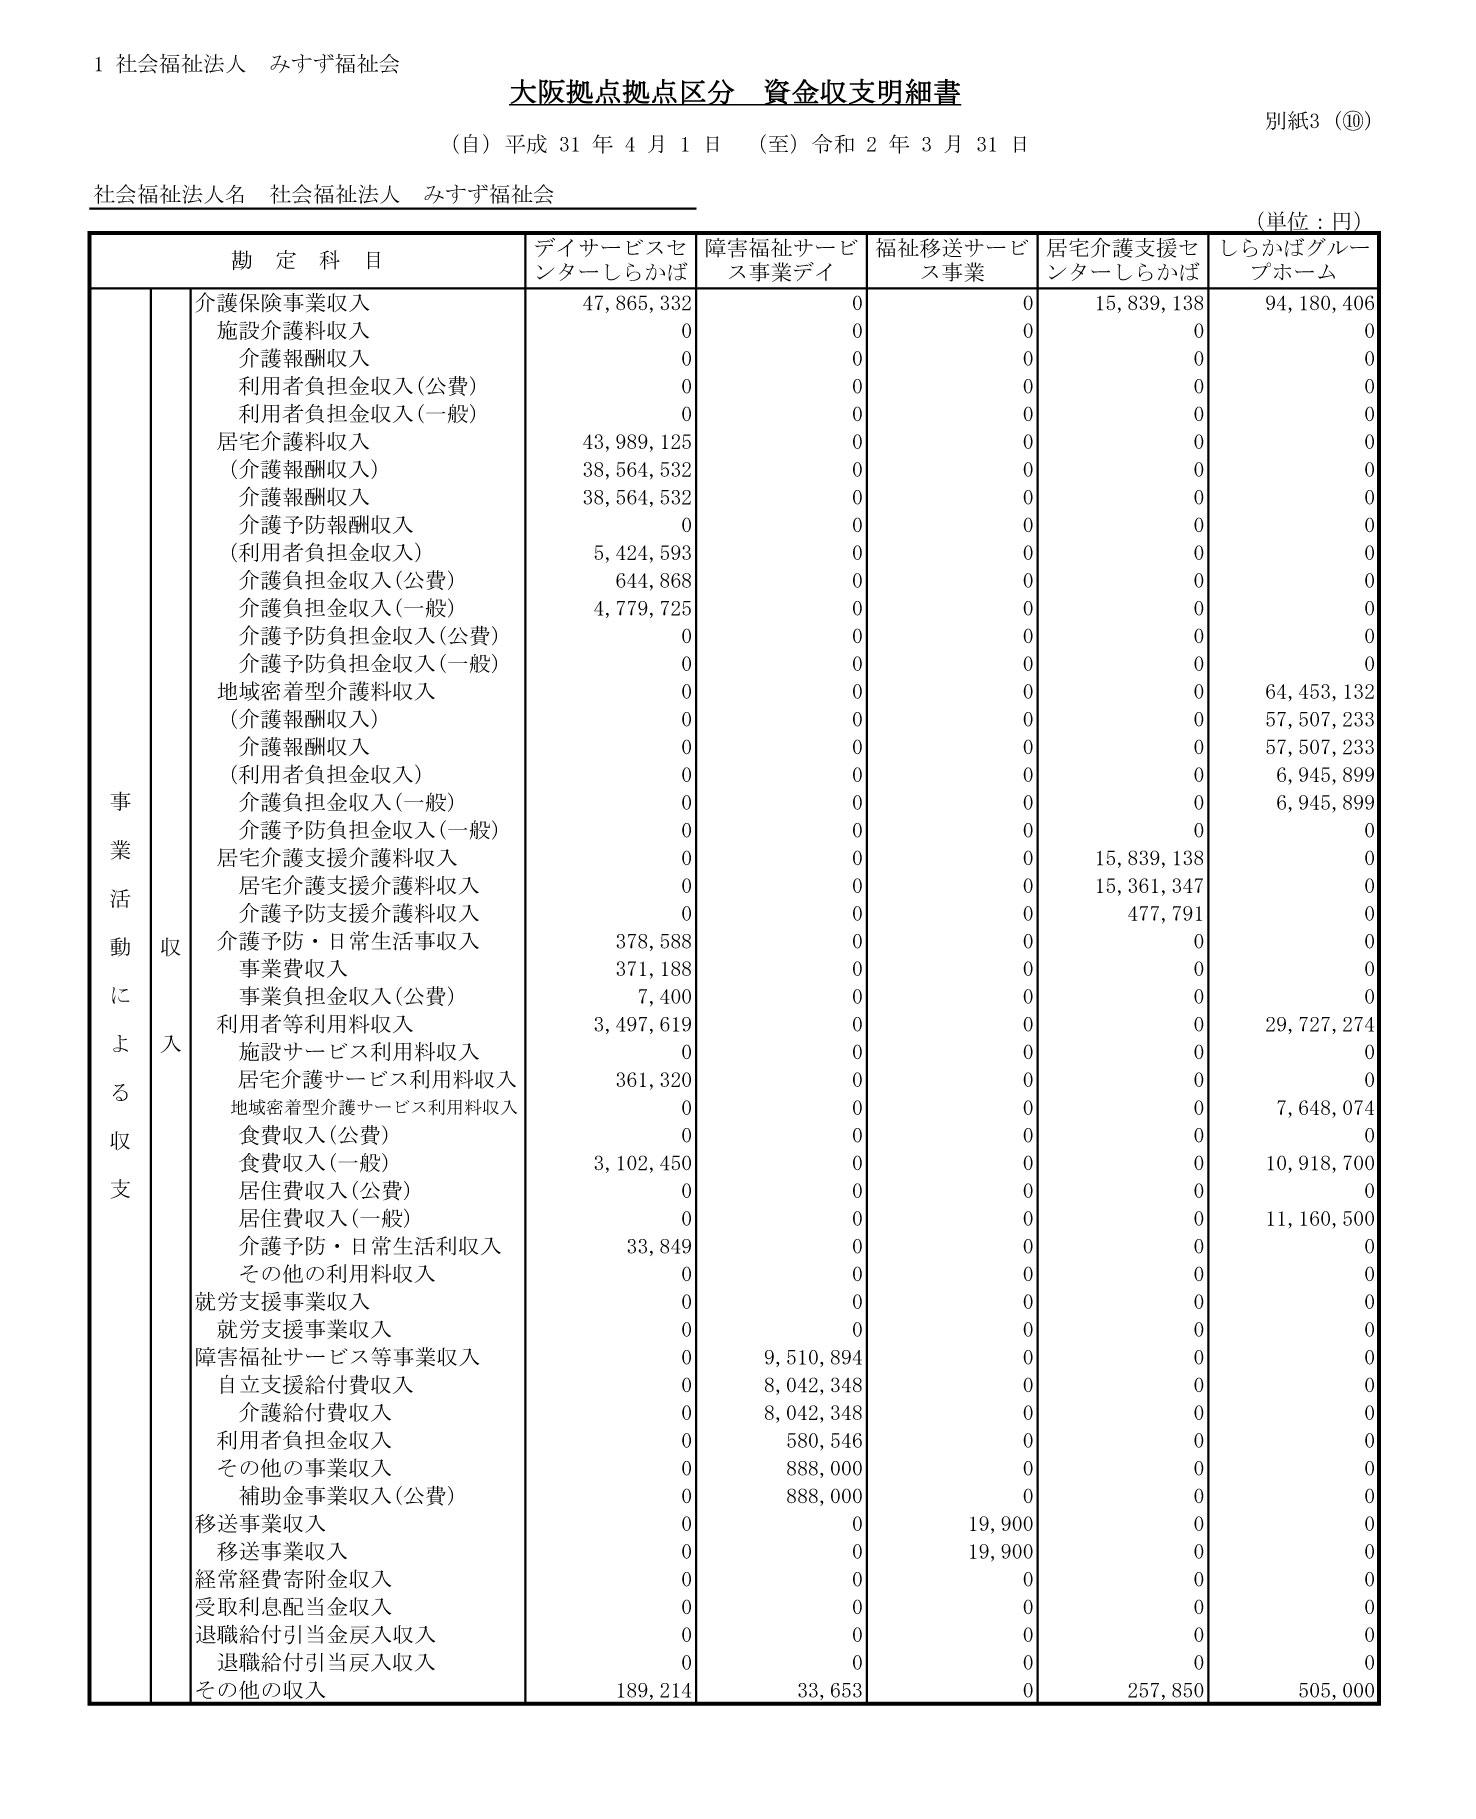 附属明細書・社会福祉大阪1-5